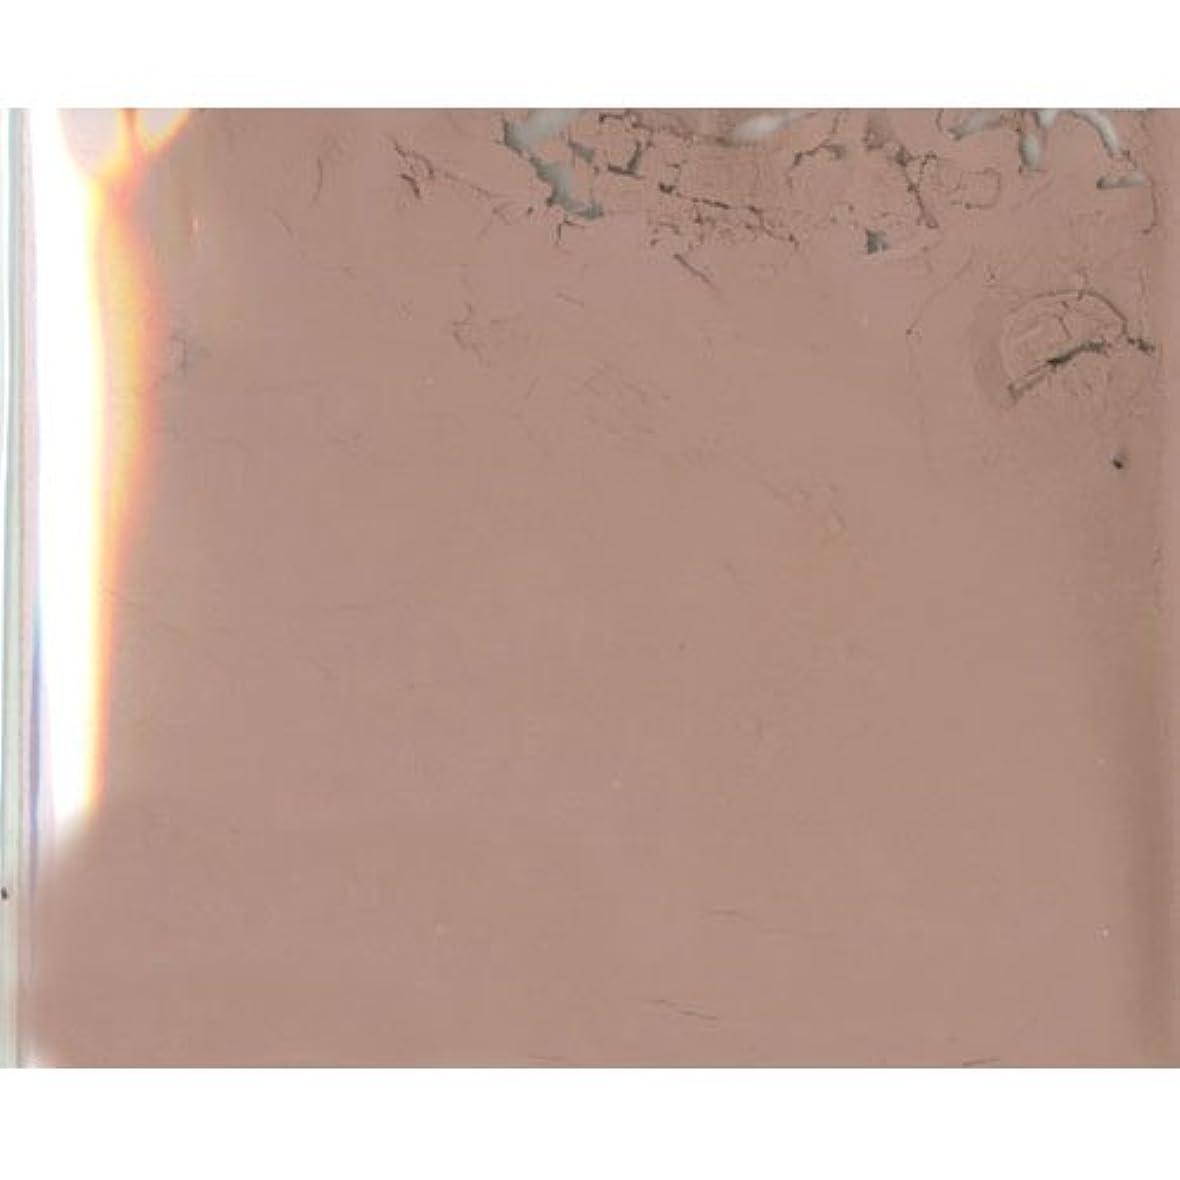 シアー精算付属品ピカエース ネイル用パウダー ピカエース カラーパウダー 透明顔料 #985 チョコレートブラウン 2g アート材